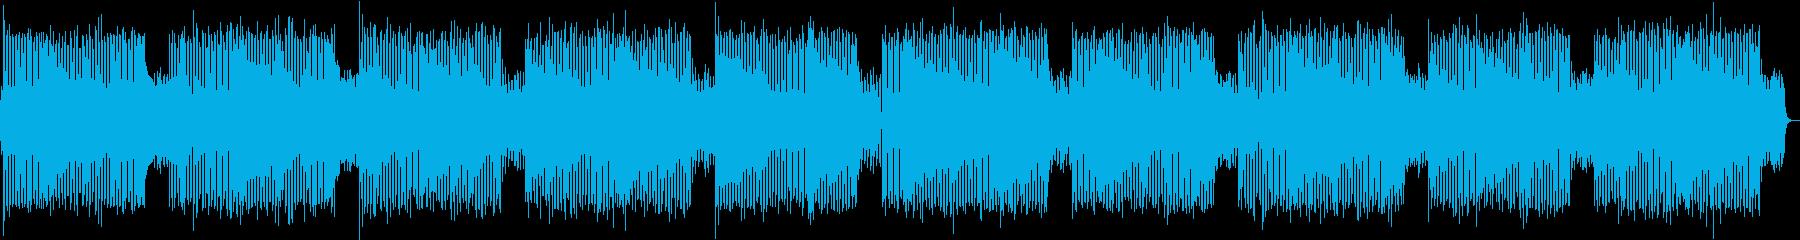 切ないチルアウト、ヒップホップの再生済みの波形